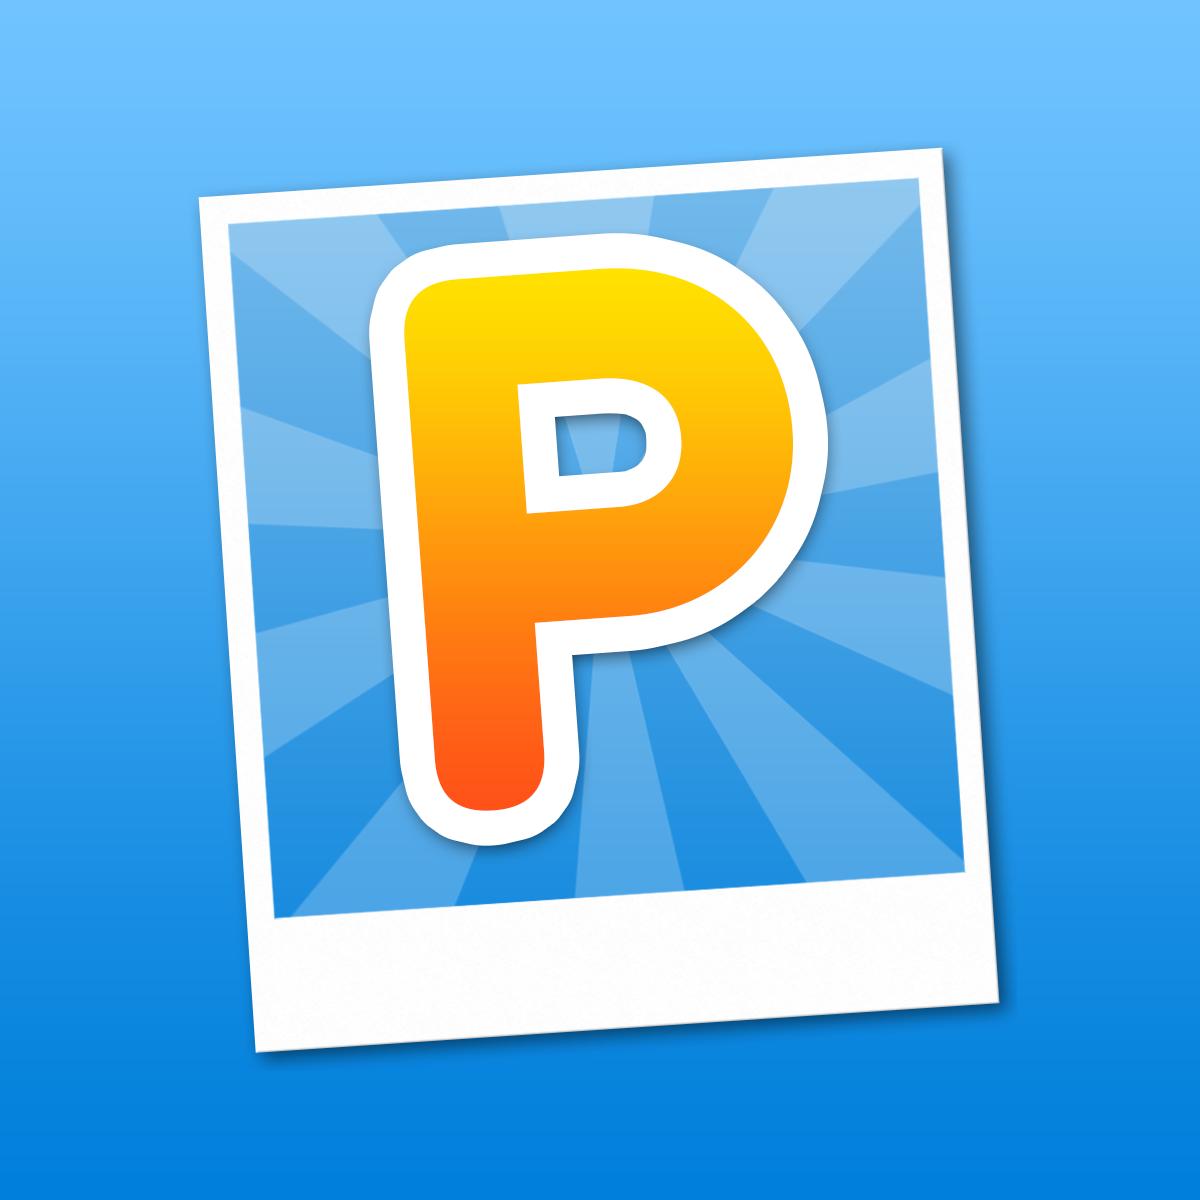 CARNAVAL - Brazil Carnival